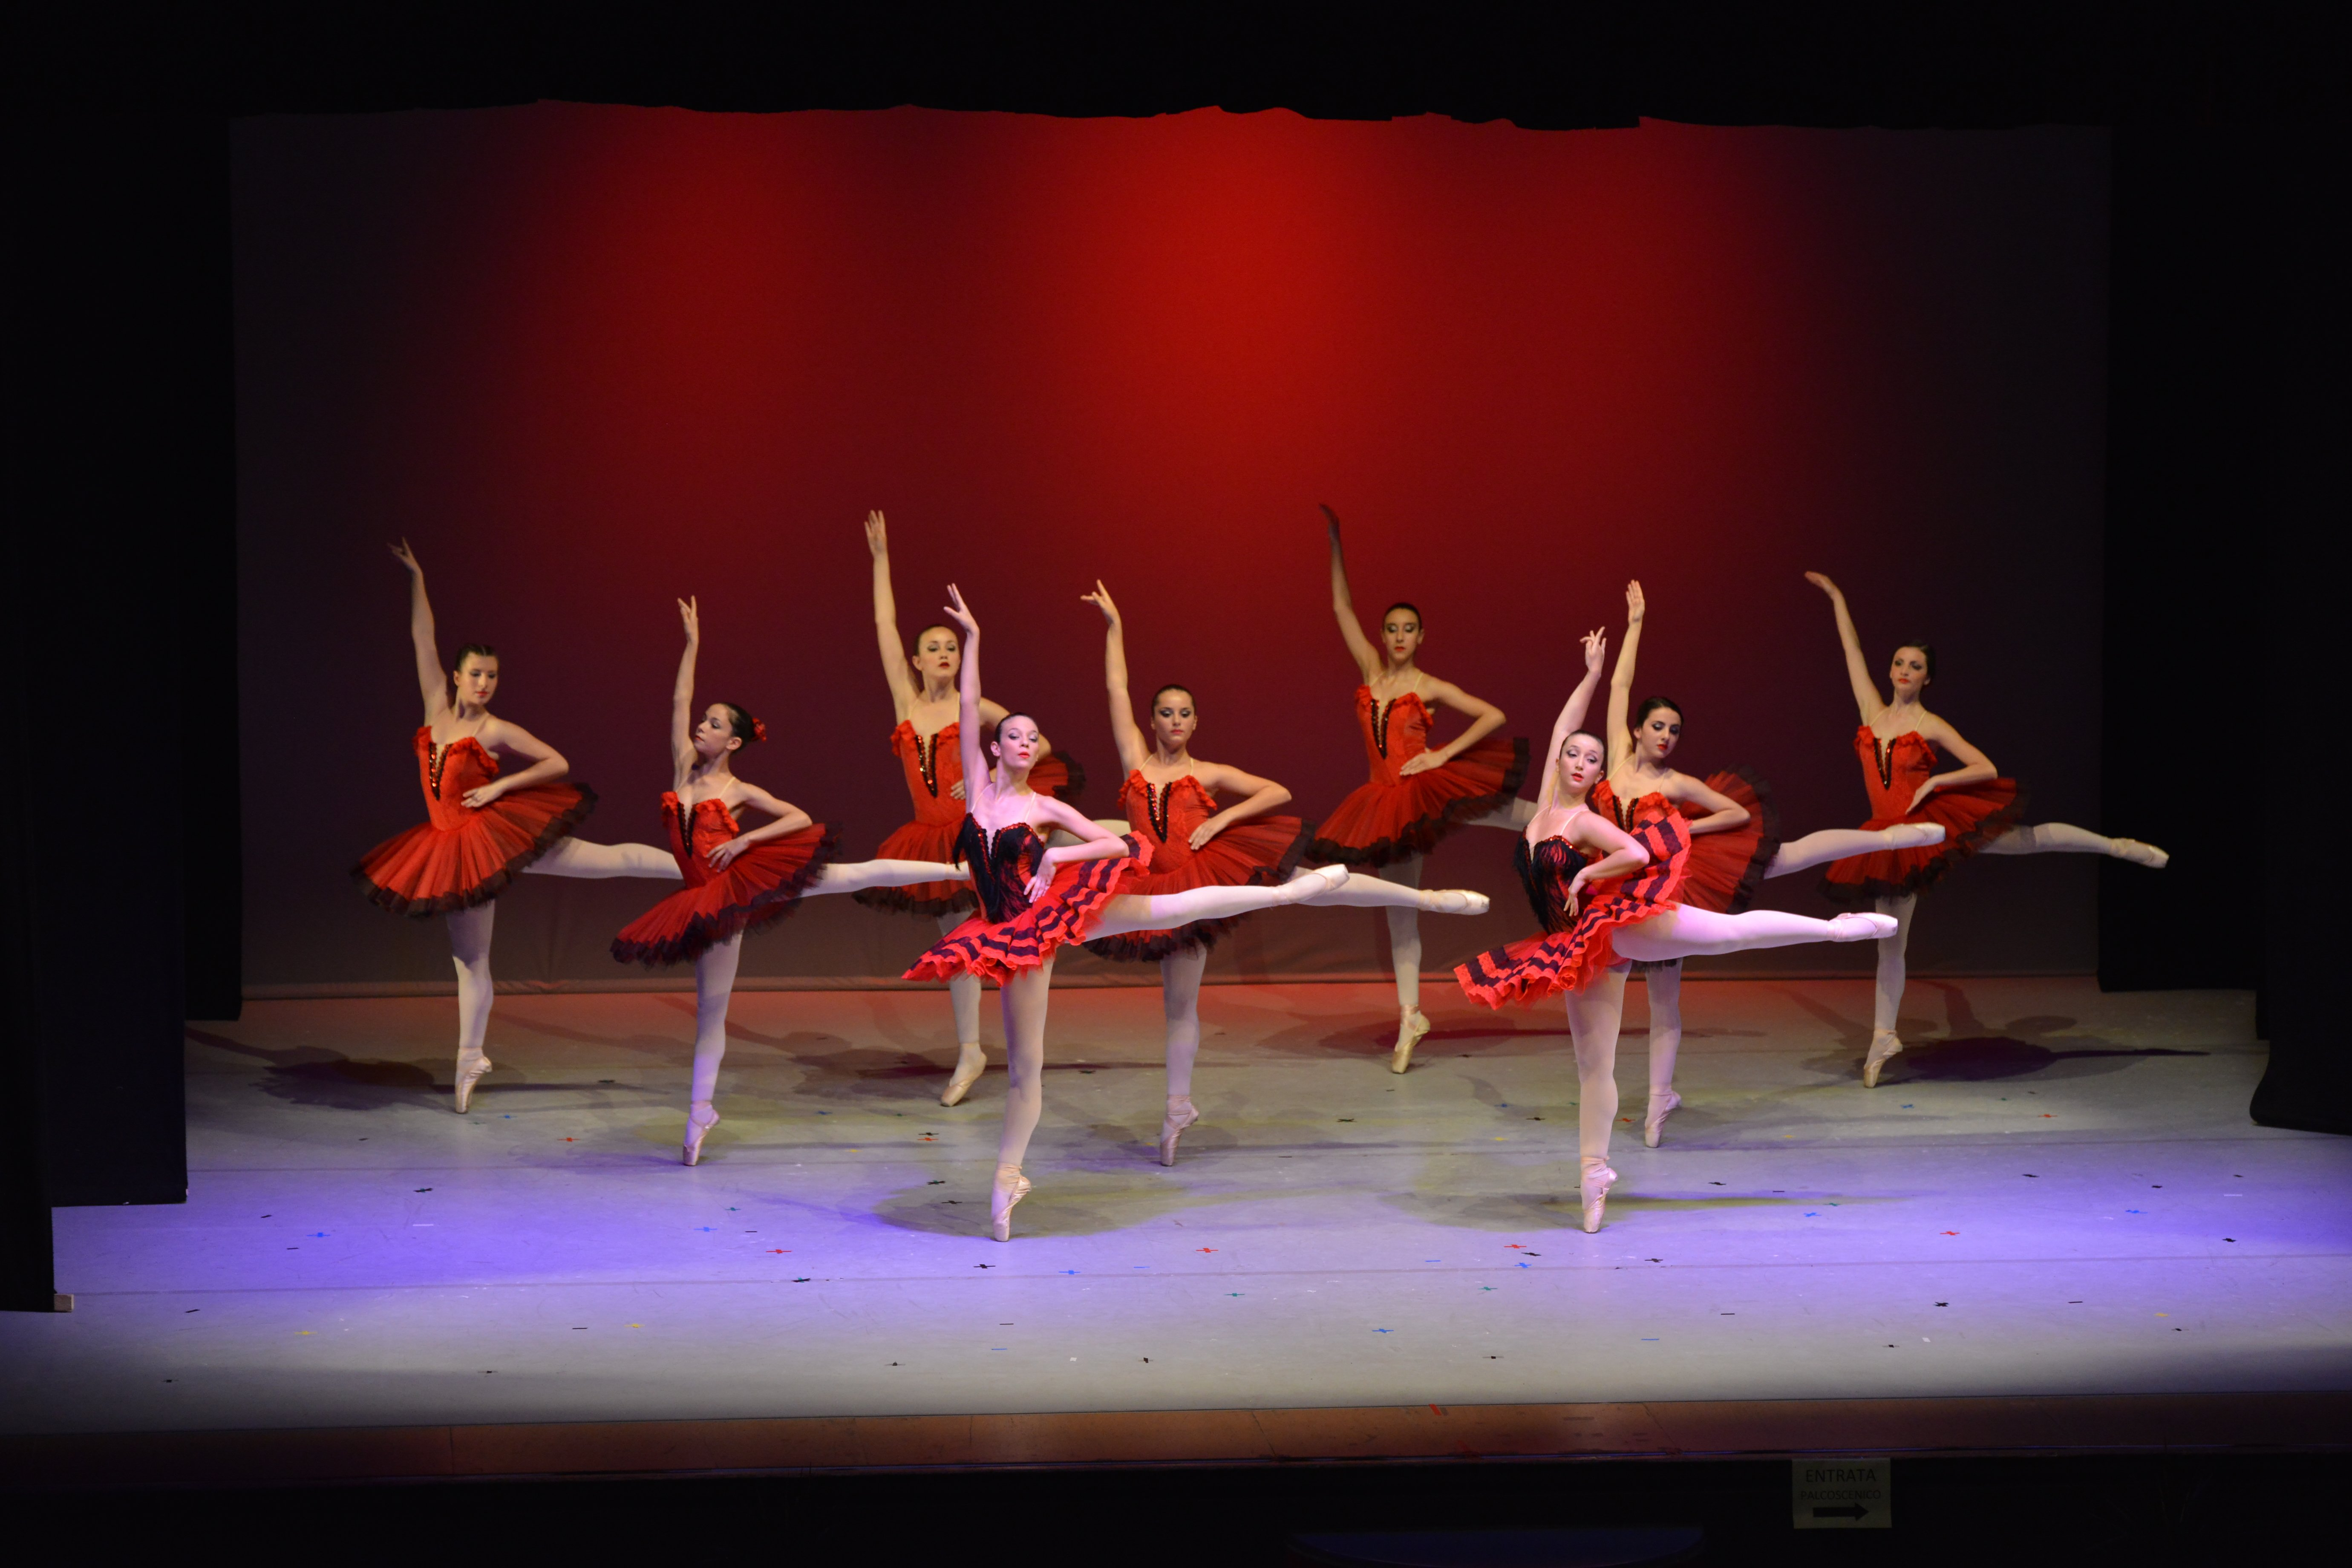 ove ballerine di danza classica sul palco